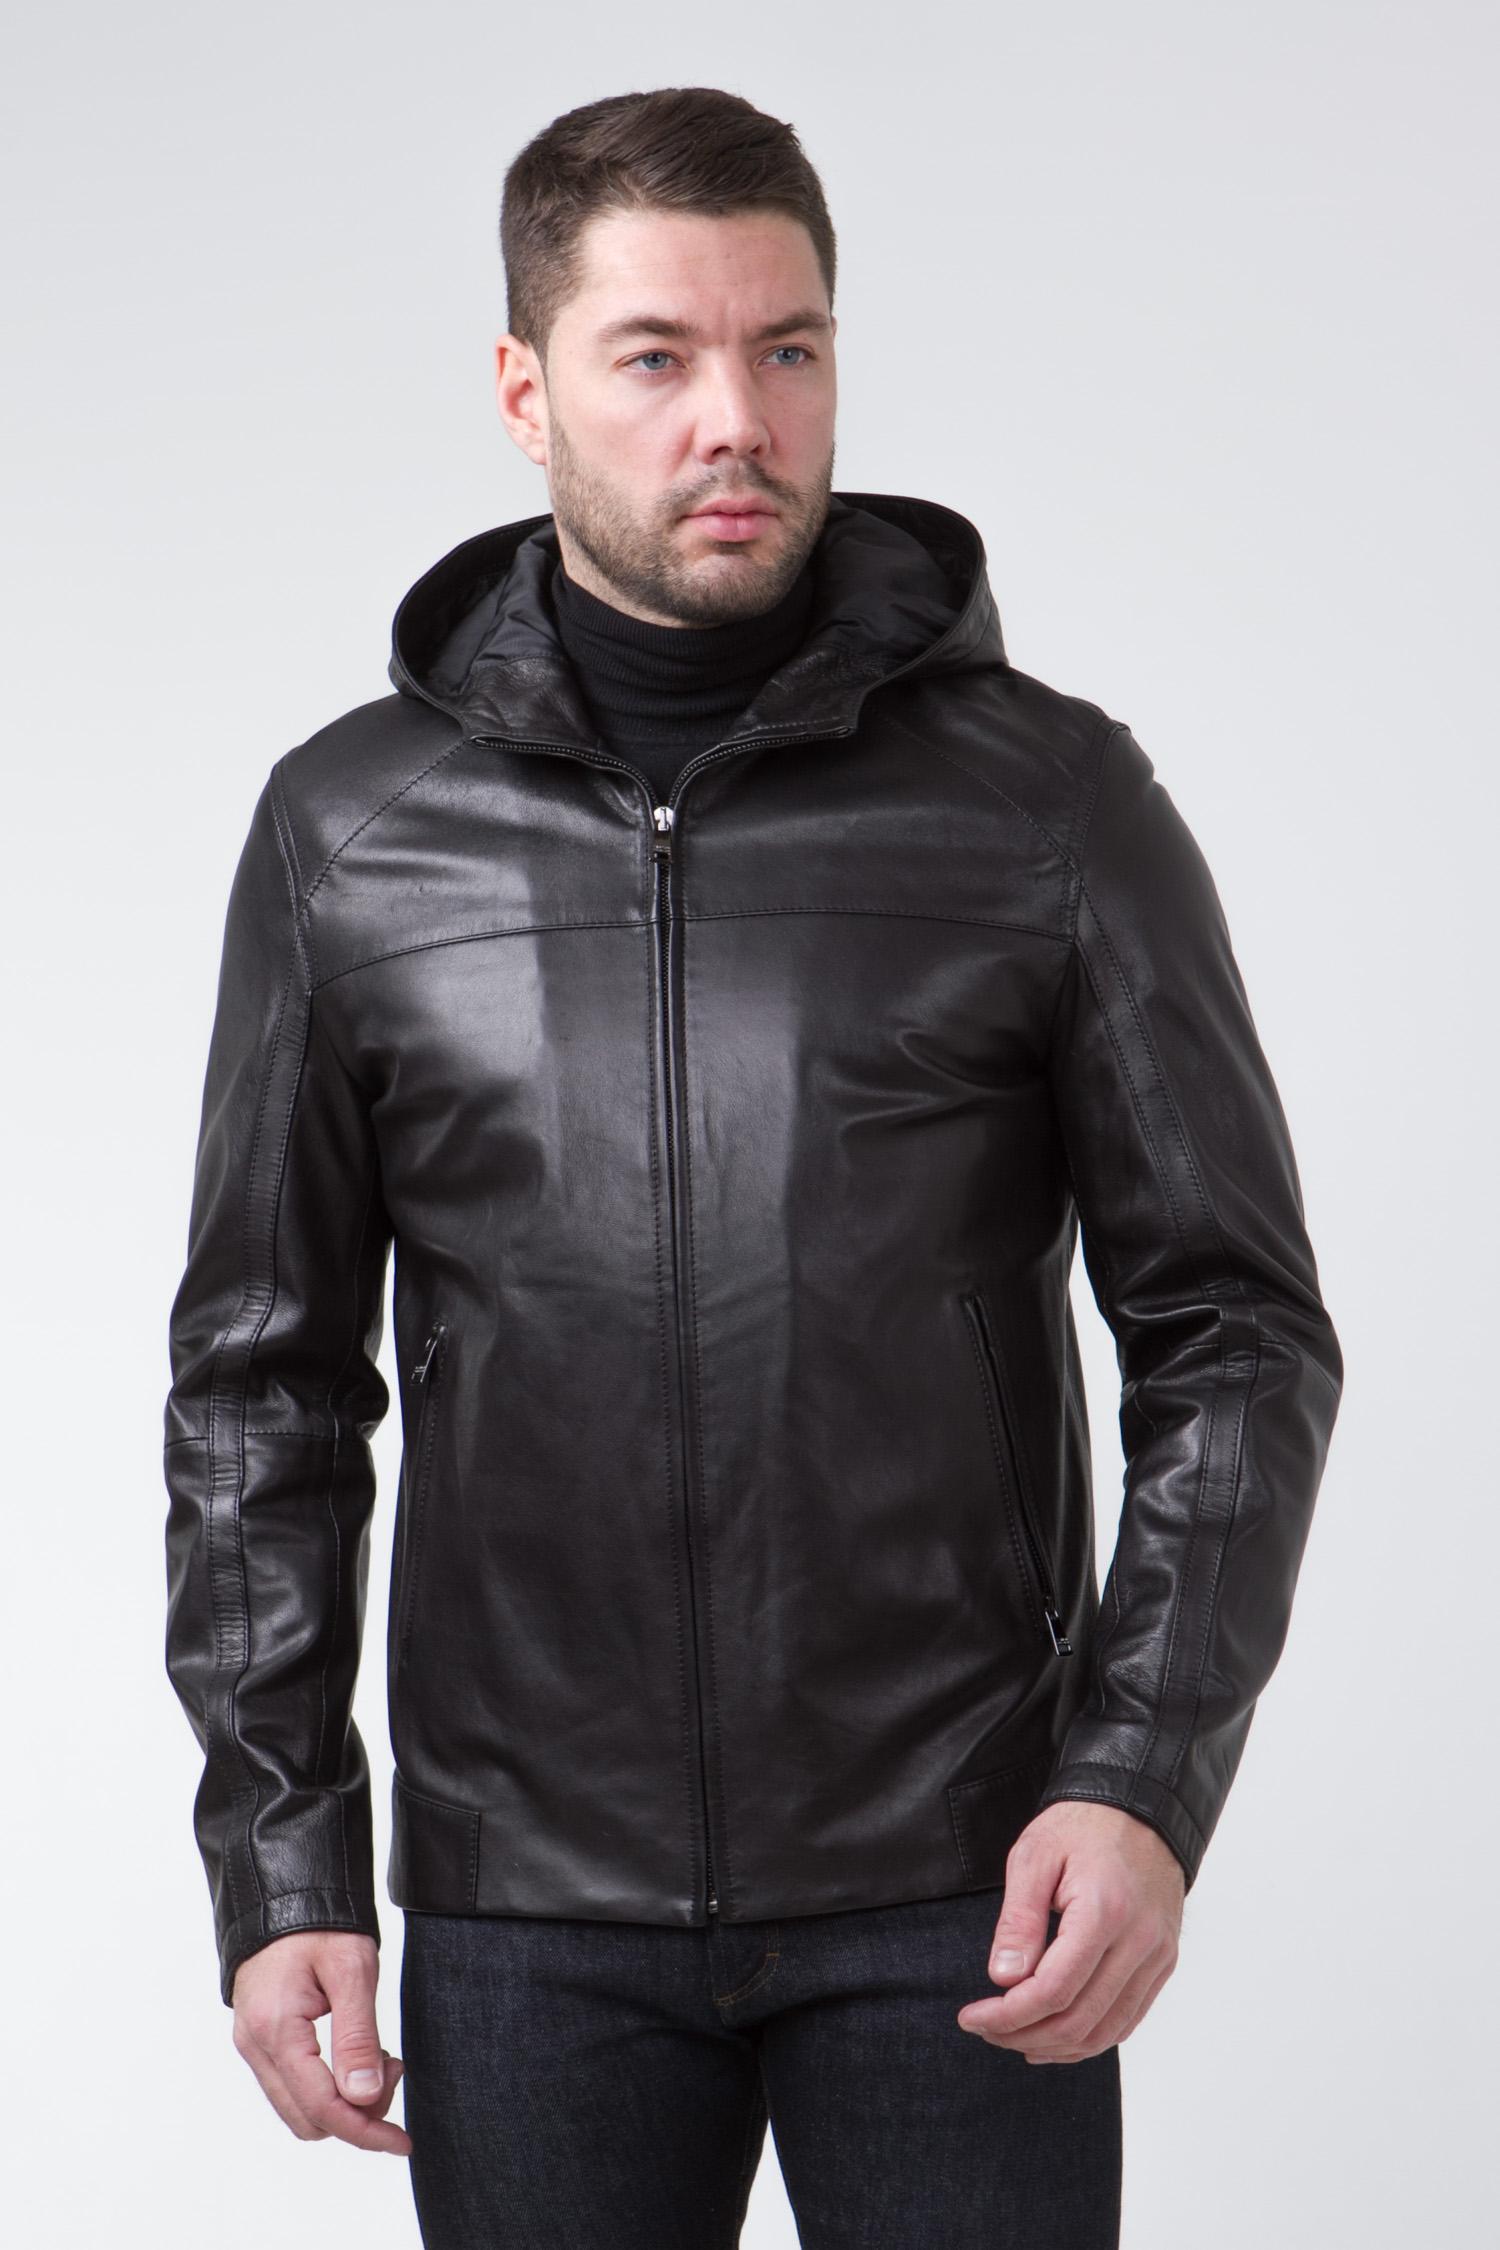 Мужская кожаная куртка из натуральной кожи с капюшоном, без отделки<br><br>Воротник: капюшон<br>Длина см: Короткая (51-74 )<br>Материал: Кожа овчина<br>Цвет: черный<br>Вид застежки: центральная<br>Застежка: на молнии<br>Пол: Мужской<br>Размер RU: 44